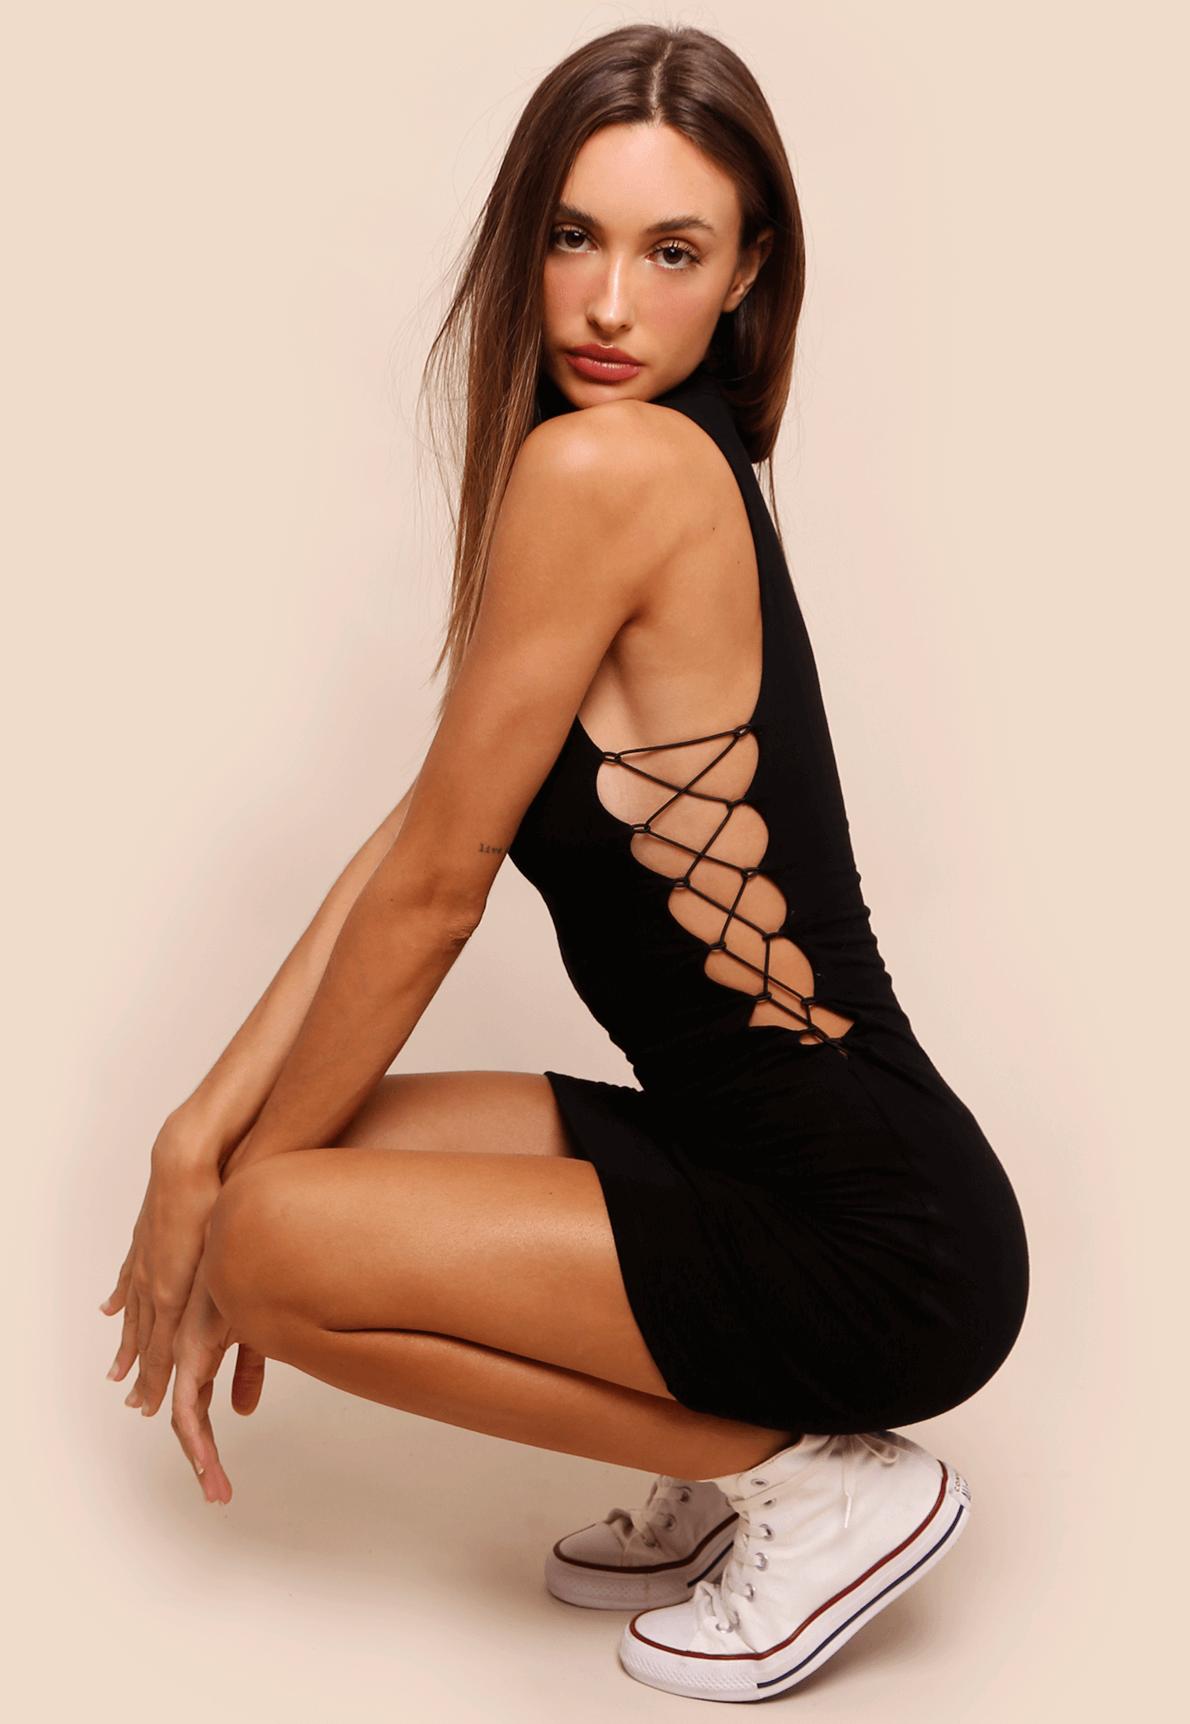 35752-Vestido-gola-alta-caviar-preto-mundo-lolita-02